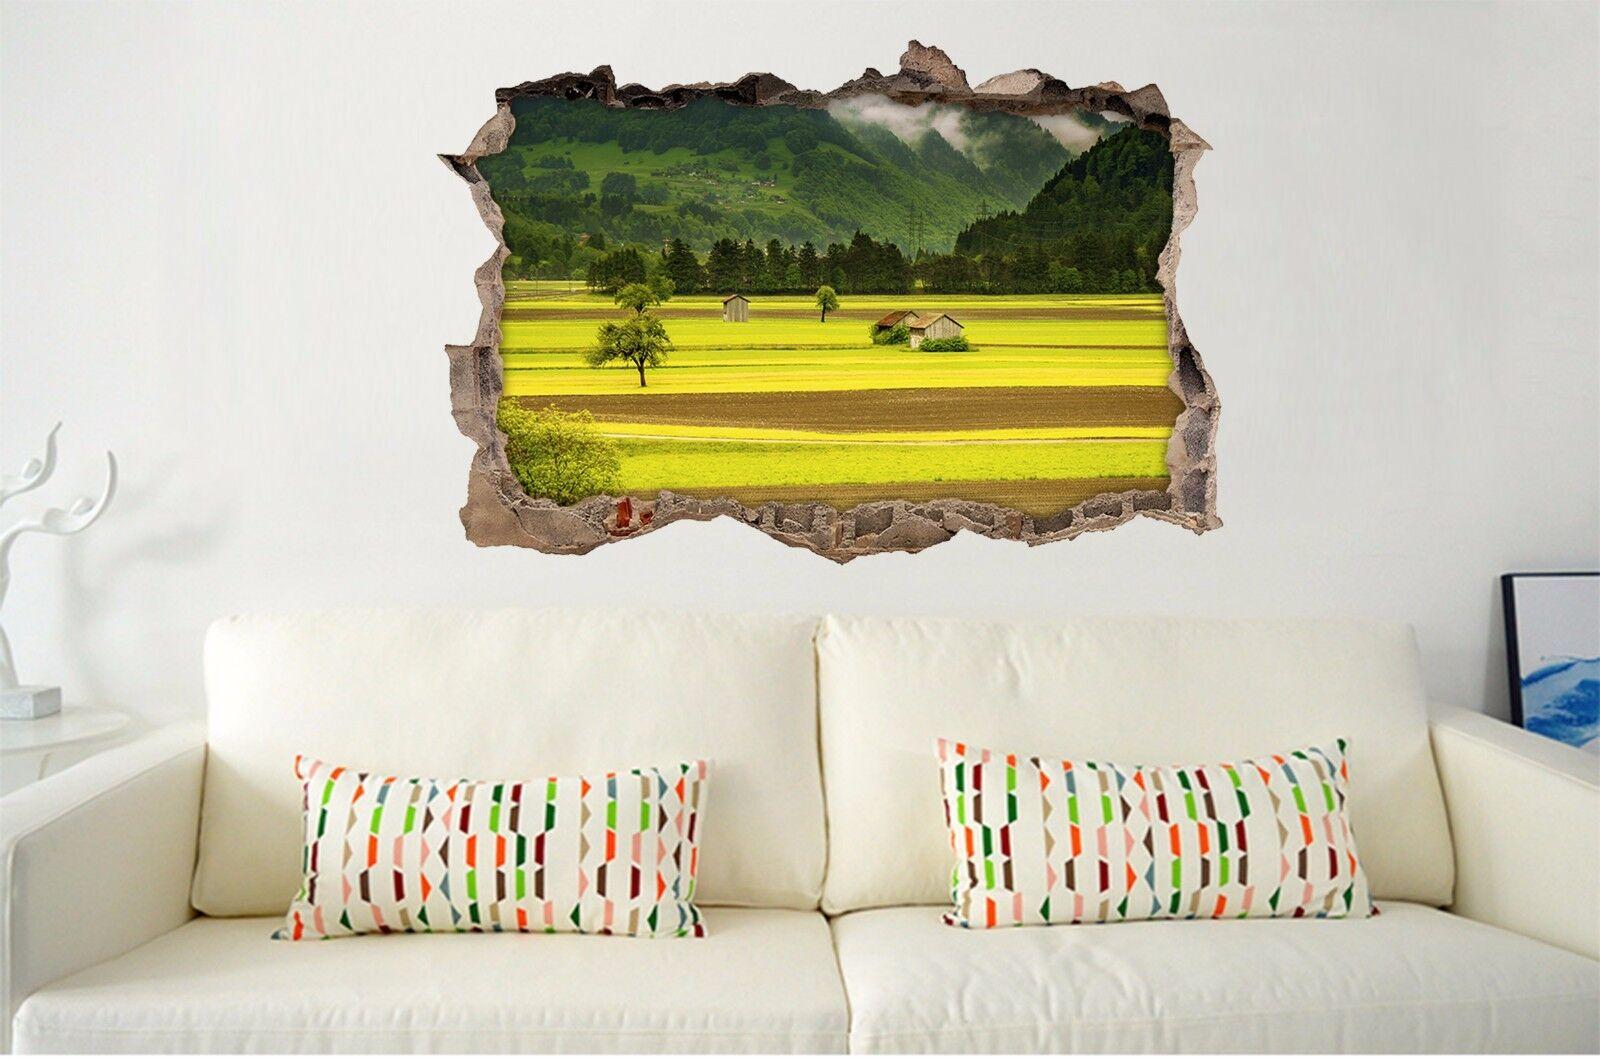 3D Golden  Feld 773 Mauer Murals Mauer Aufklebe Decal Durchbruch AJ WALLPAPER DE